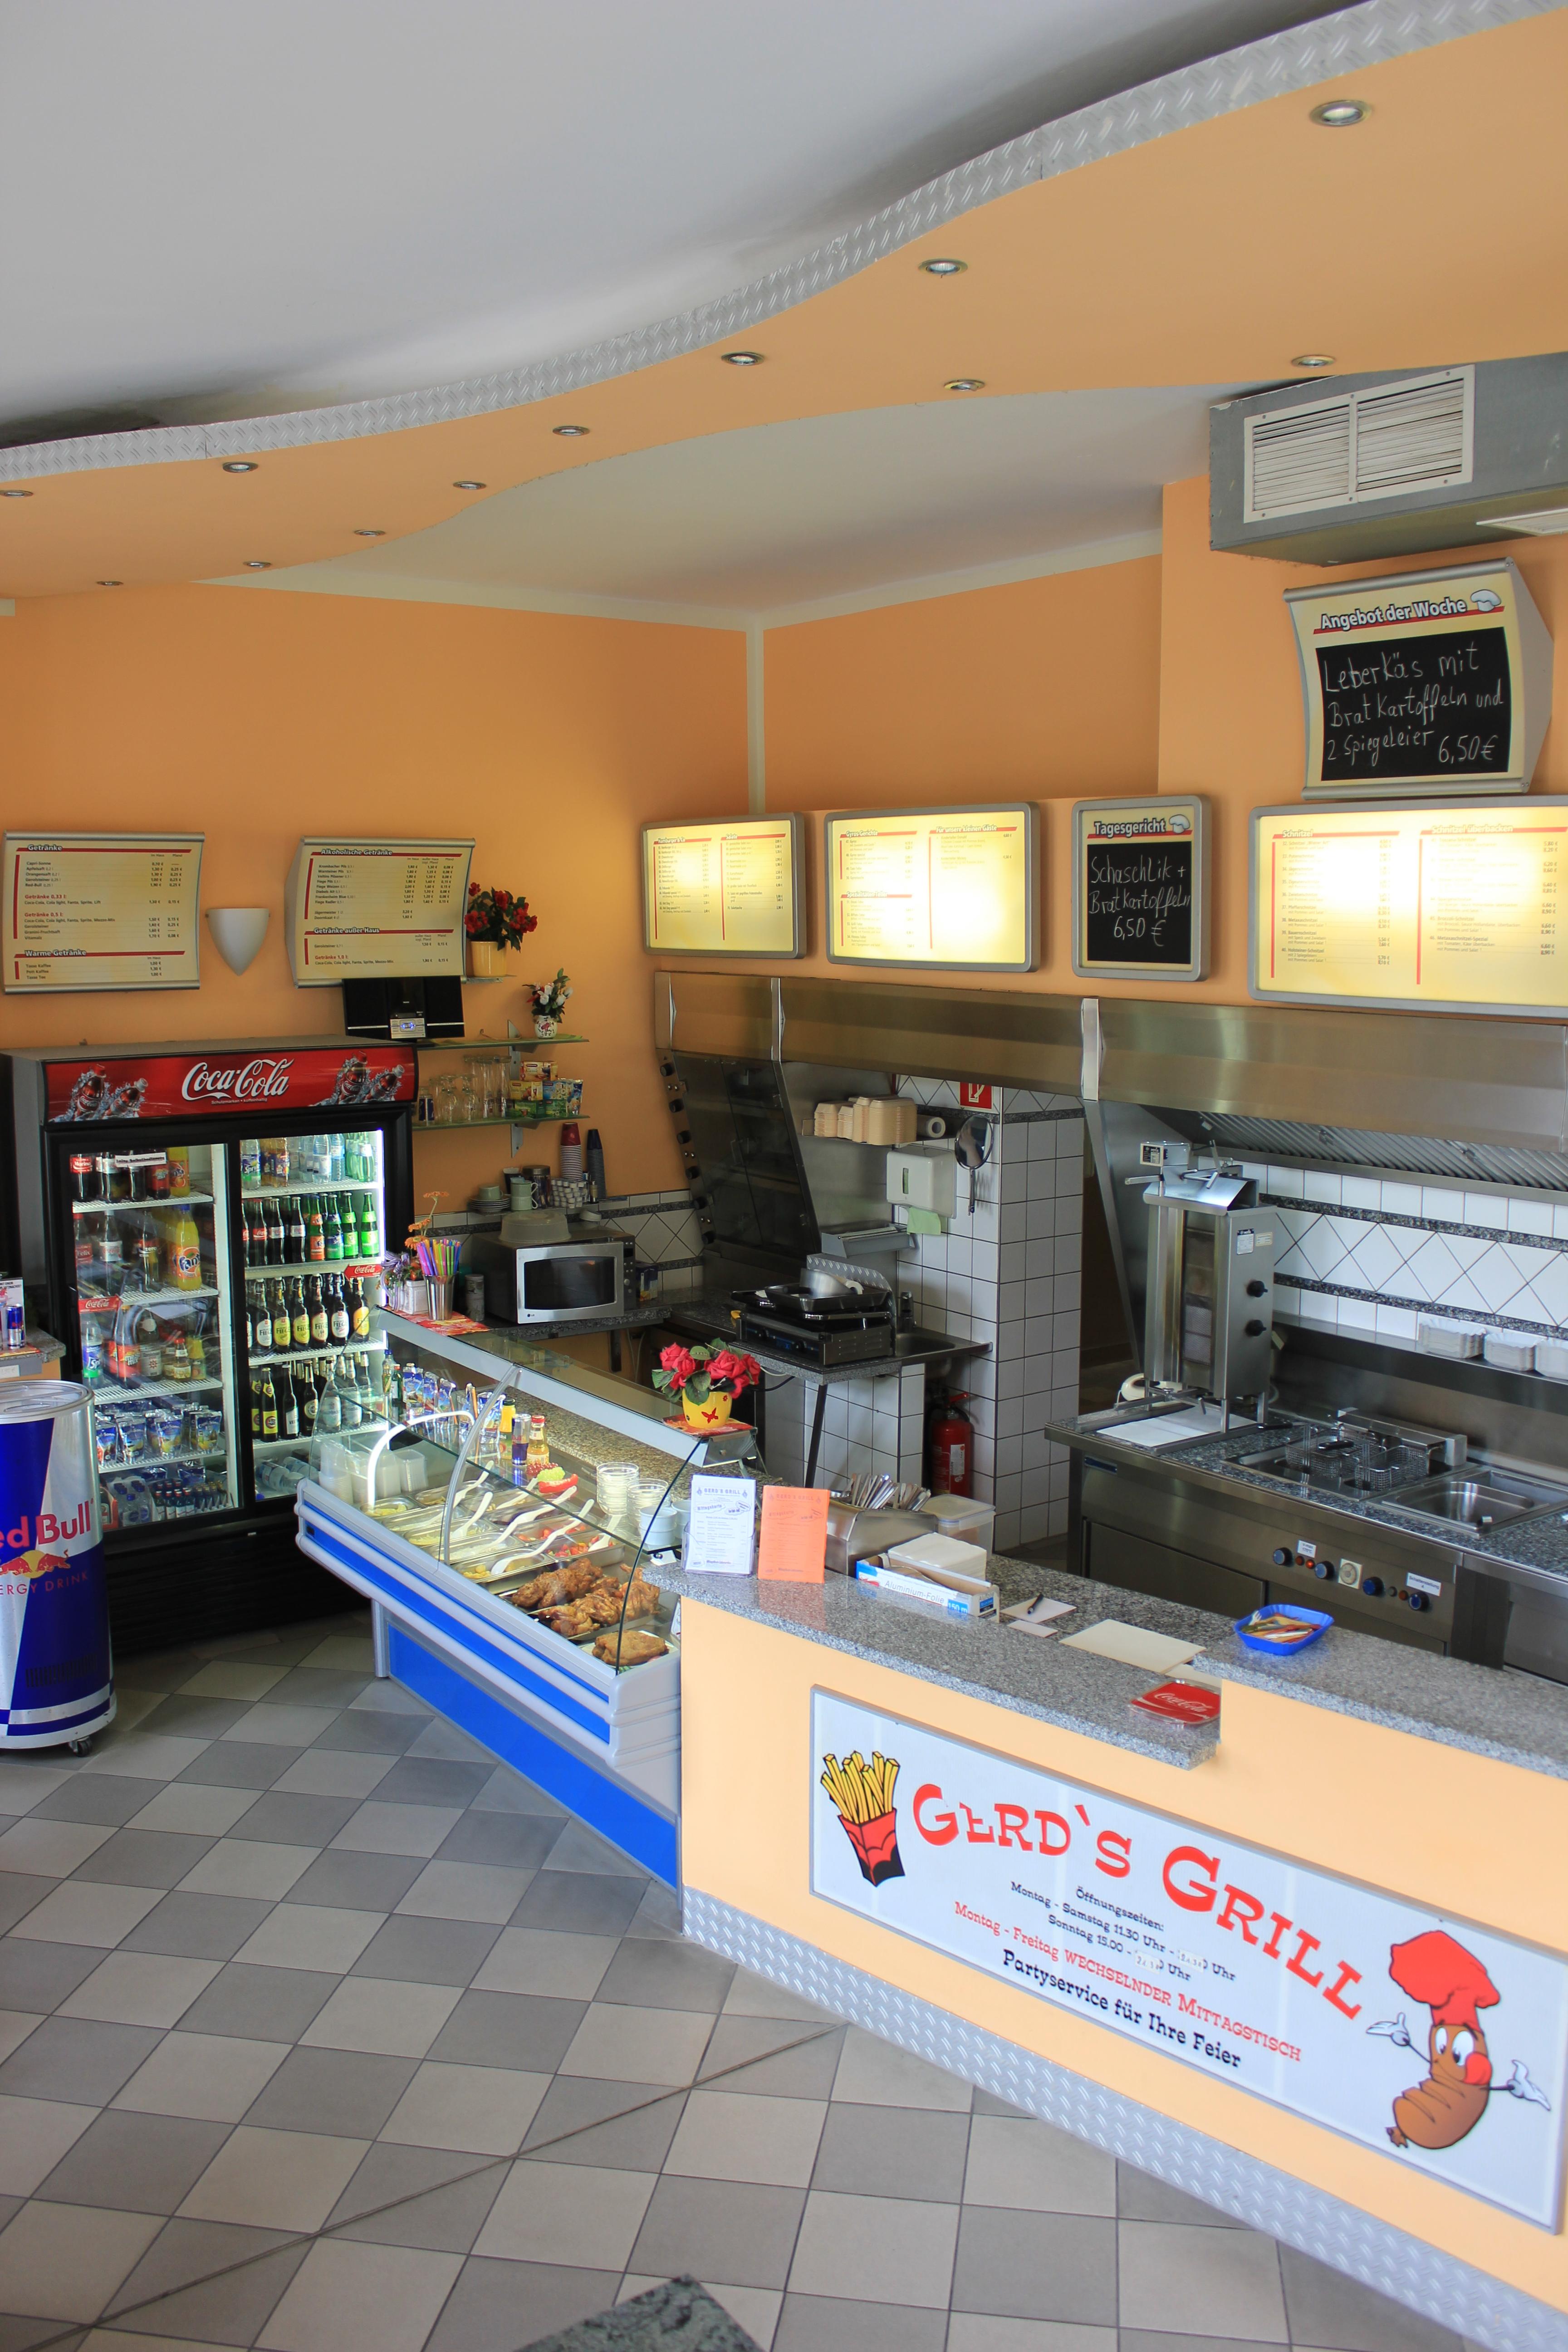 ➤ Gerd's Grill 44795 Bochum-Weitmar Öffnungszeiten